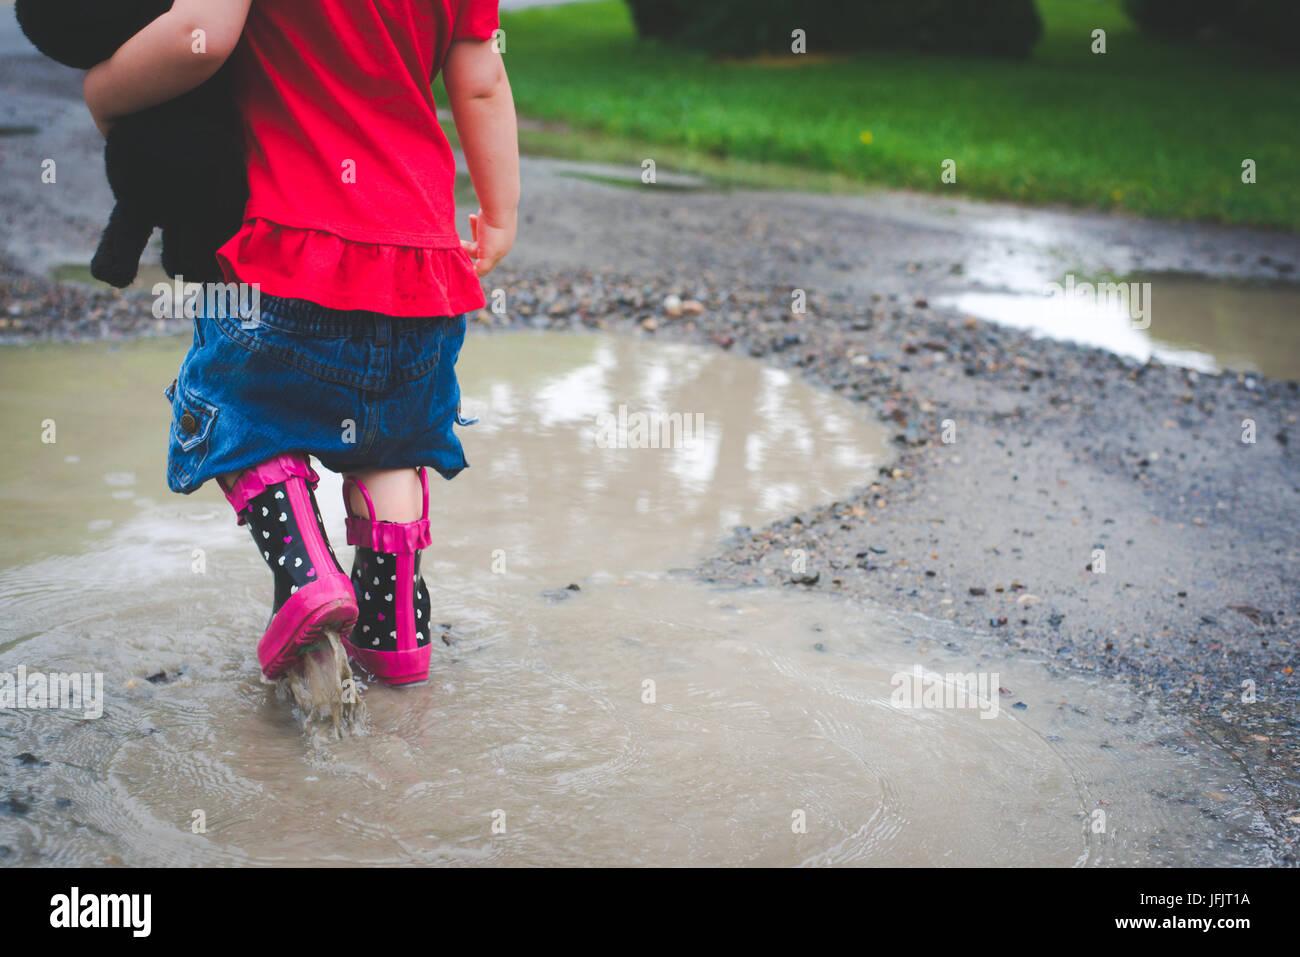 Una niña entra en un charco de lodo con botas de lluvia en vestidos de rojo y sosteniendo un pequeño perro Imagen De Stock